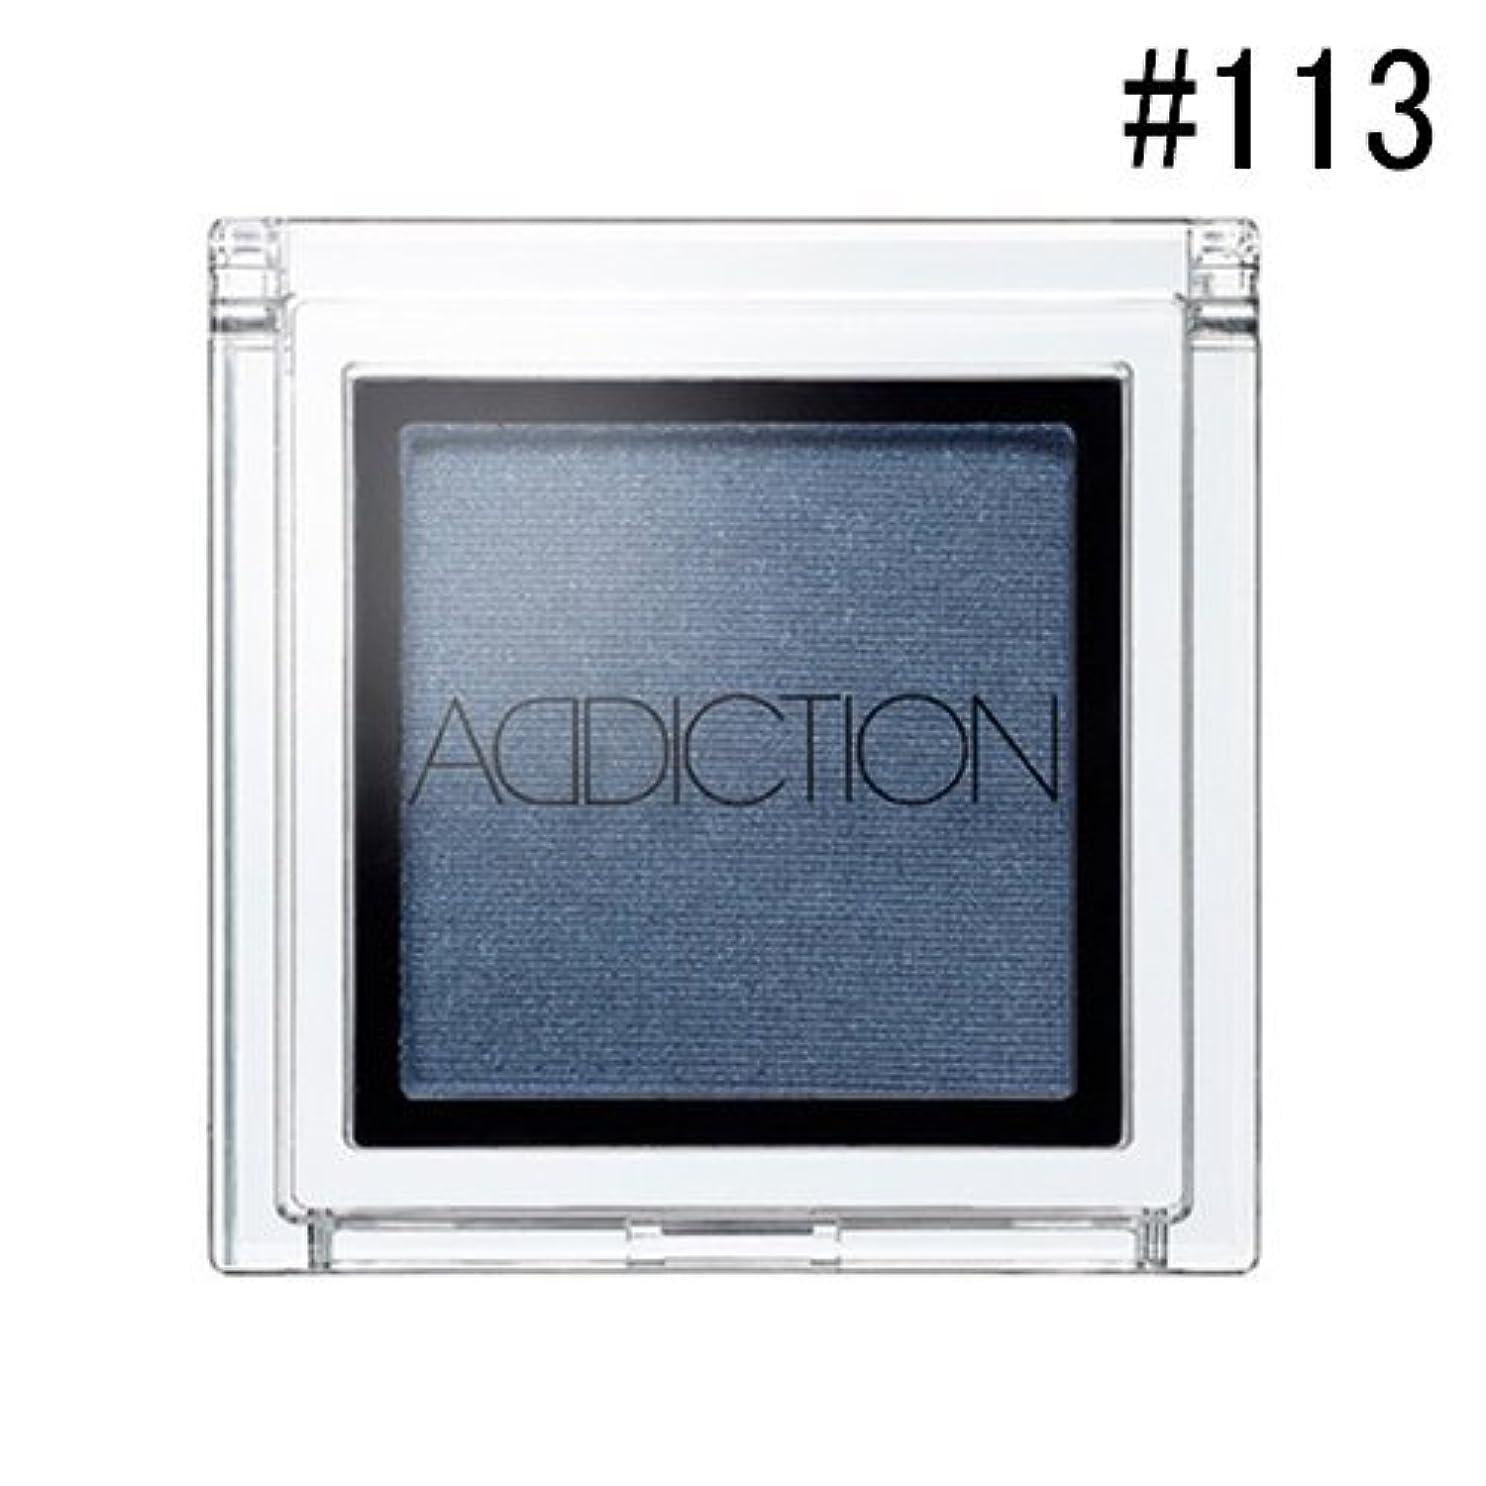 アディクション / ADDICTION アイシャドウ #113 [並行輸入品]